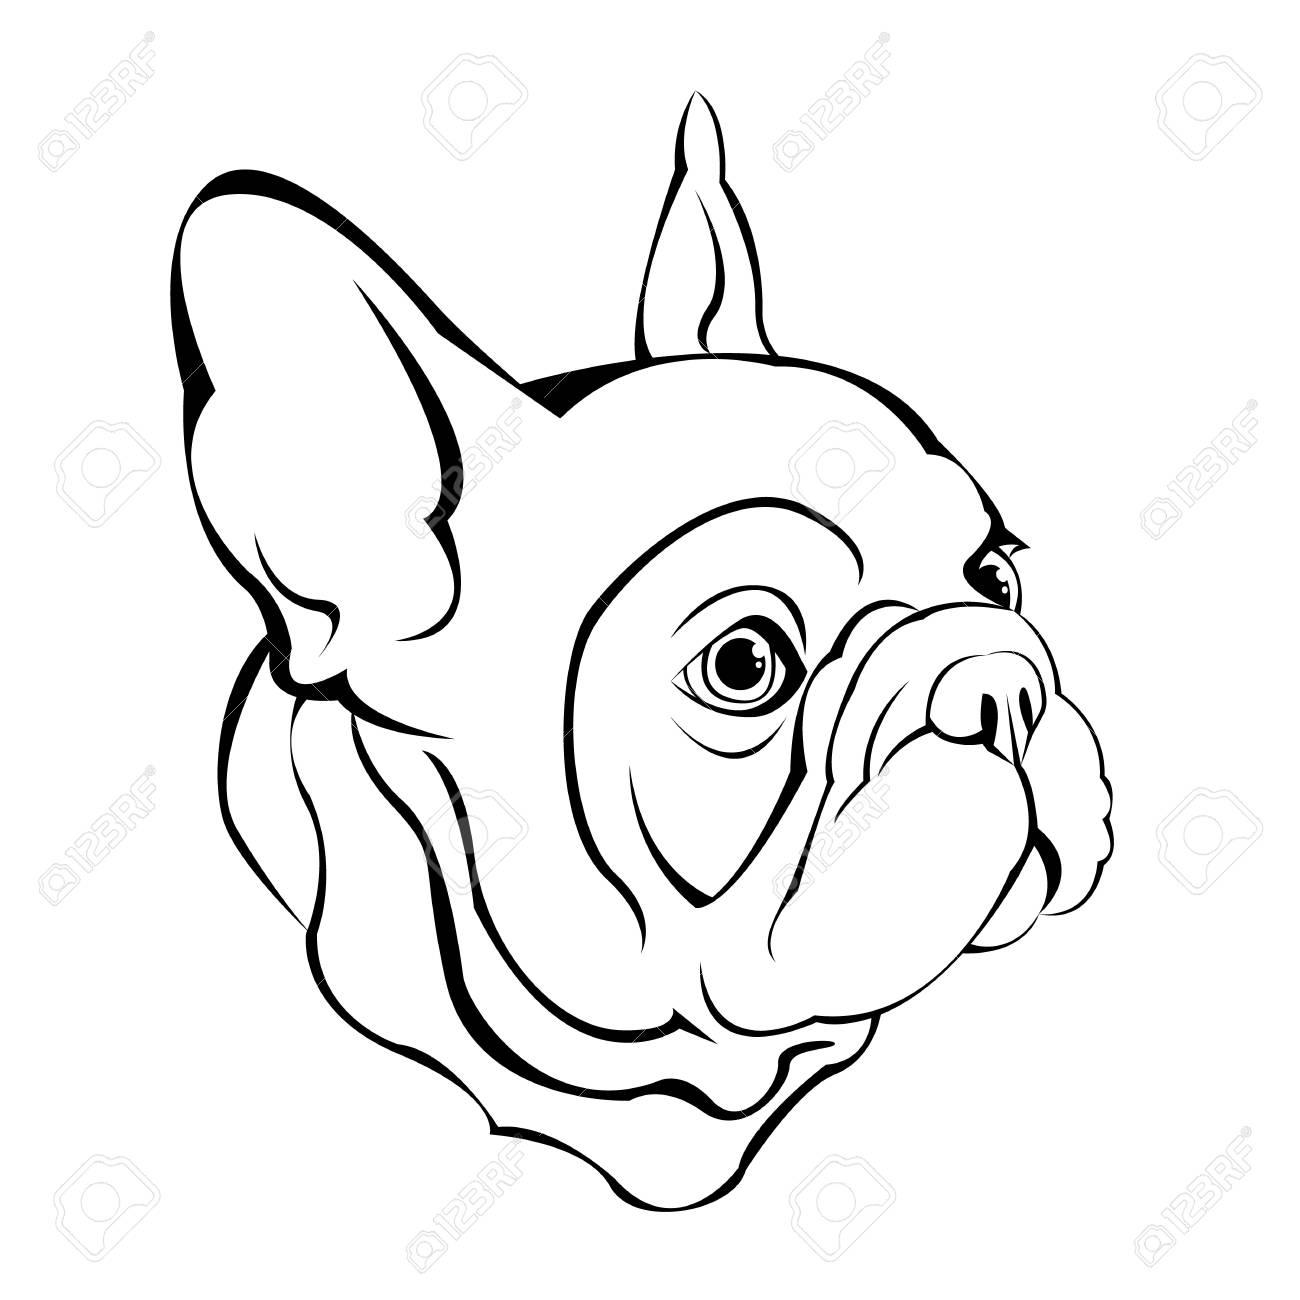 フレンチ ブルドッグポスター用イラストかわいい子犬のイラスト